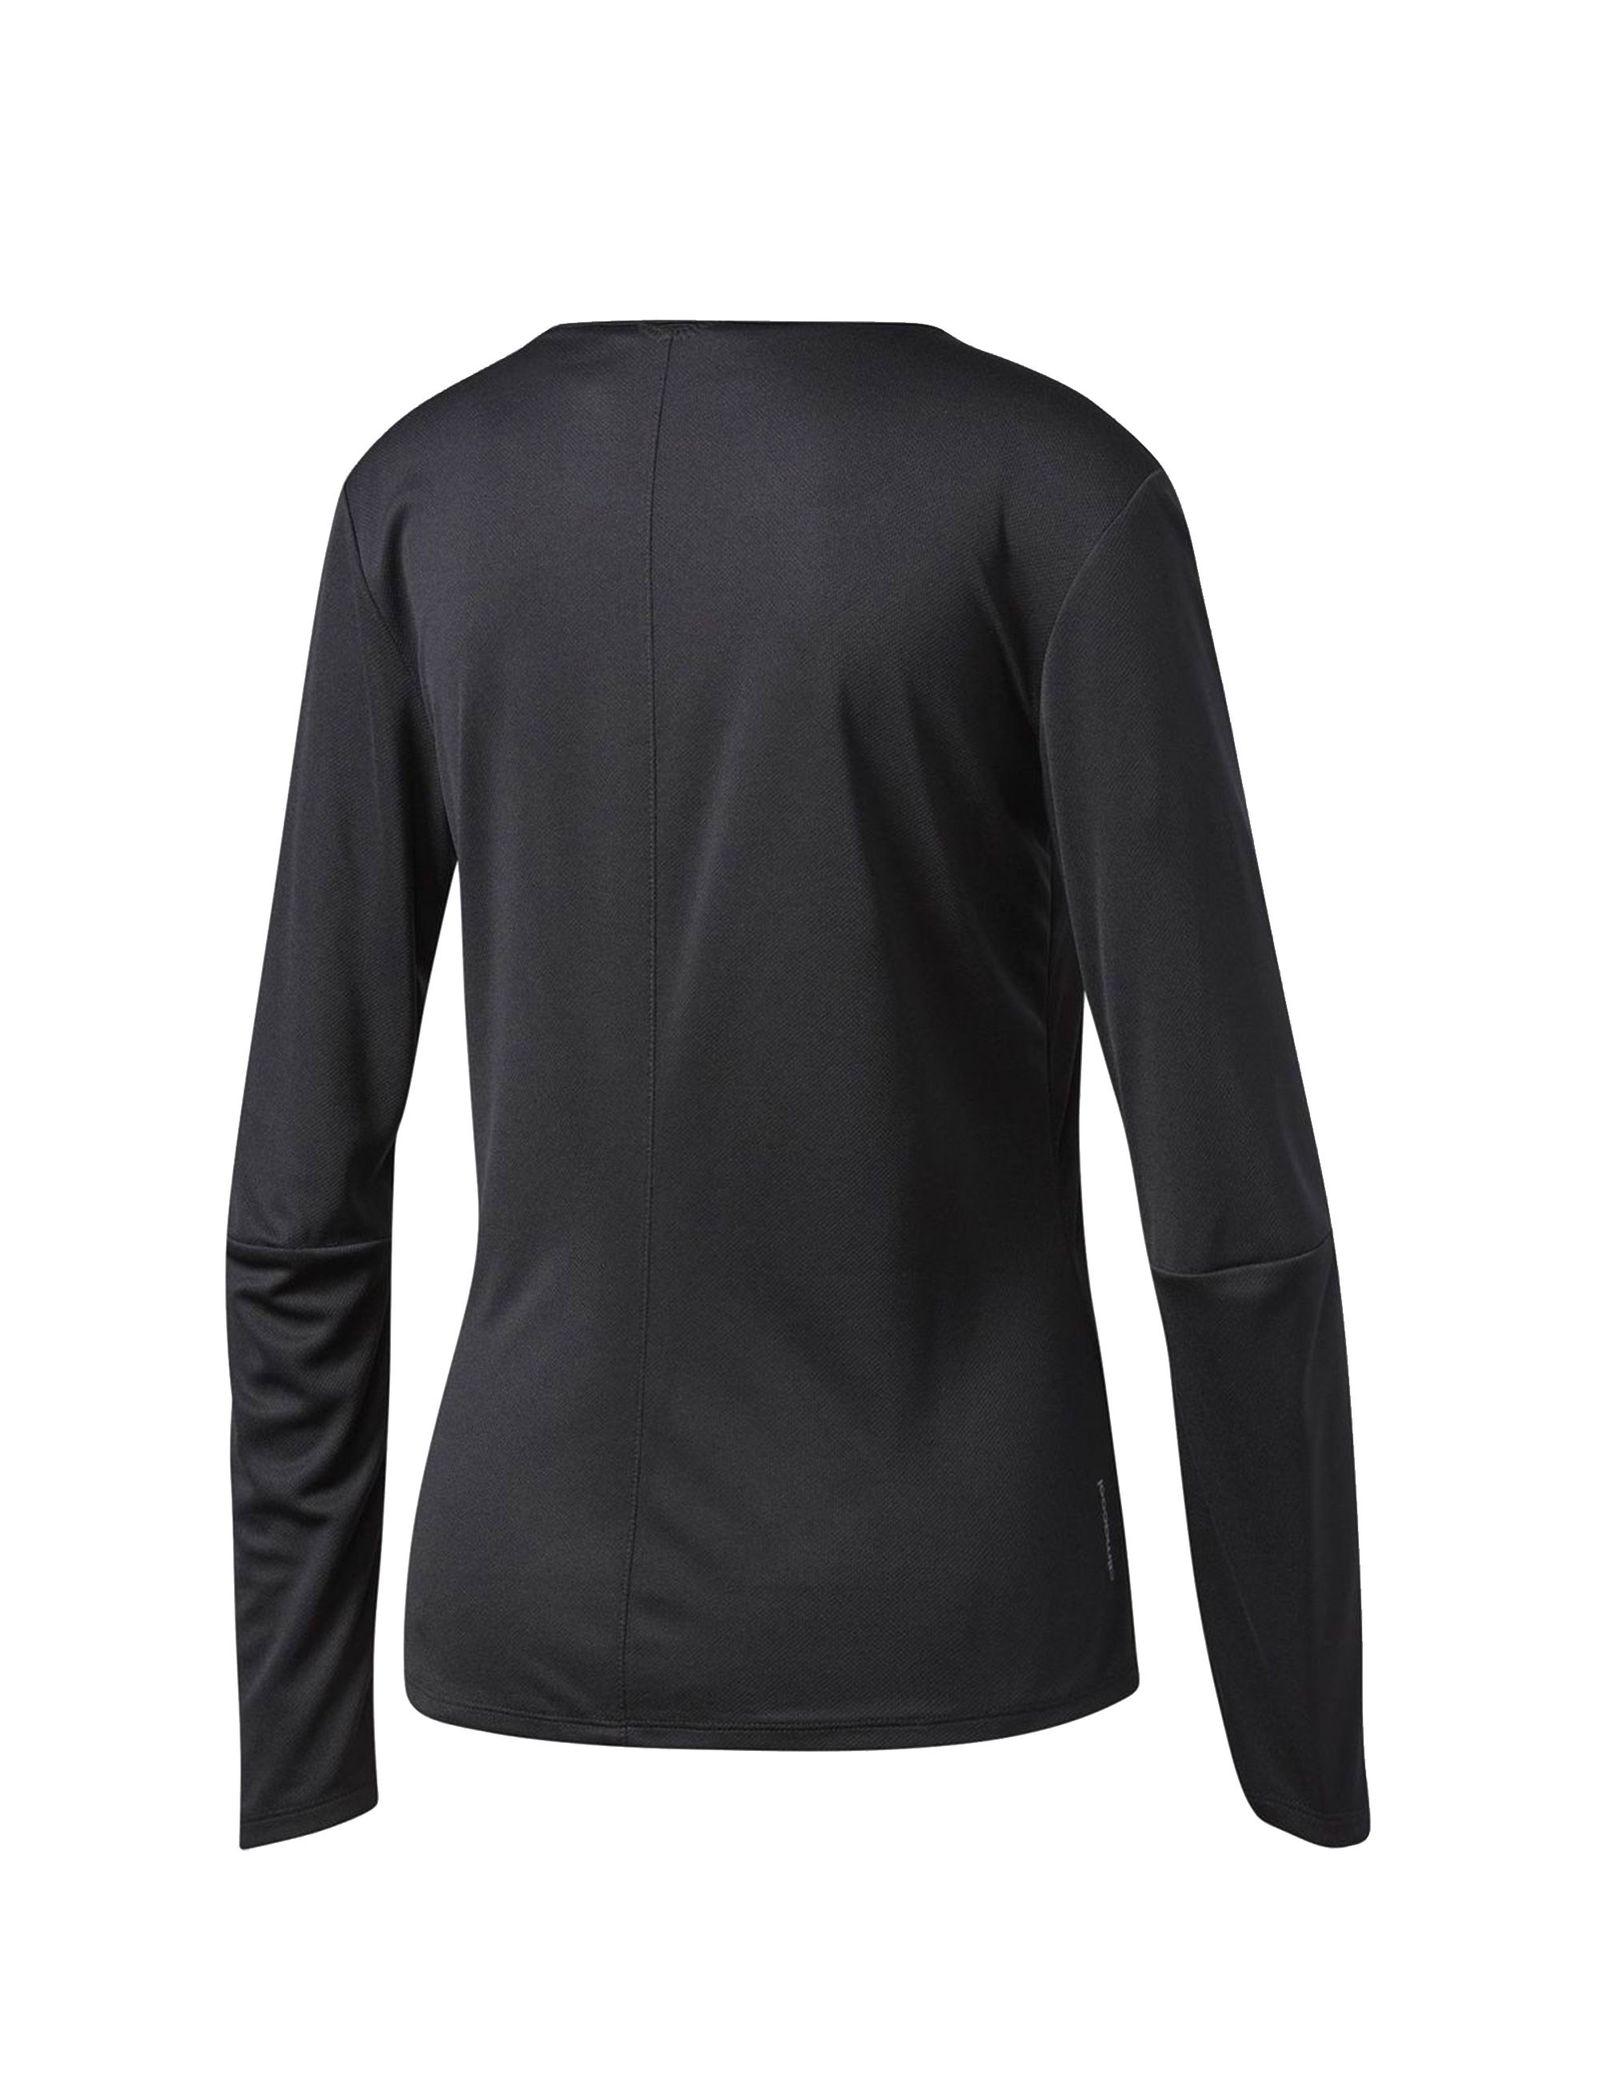 تی شرت ورزشی آستین بلند زنانه Response - آدیداس - مشکي - 2